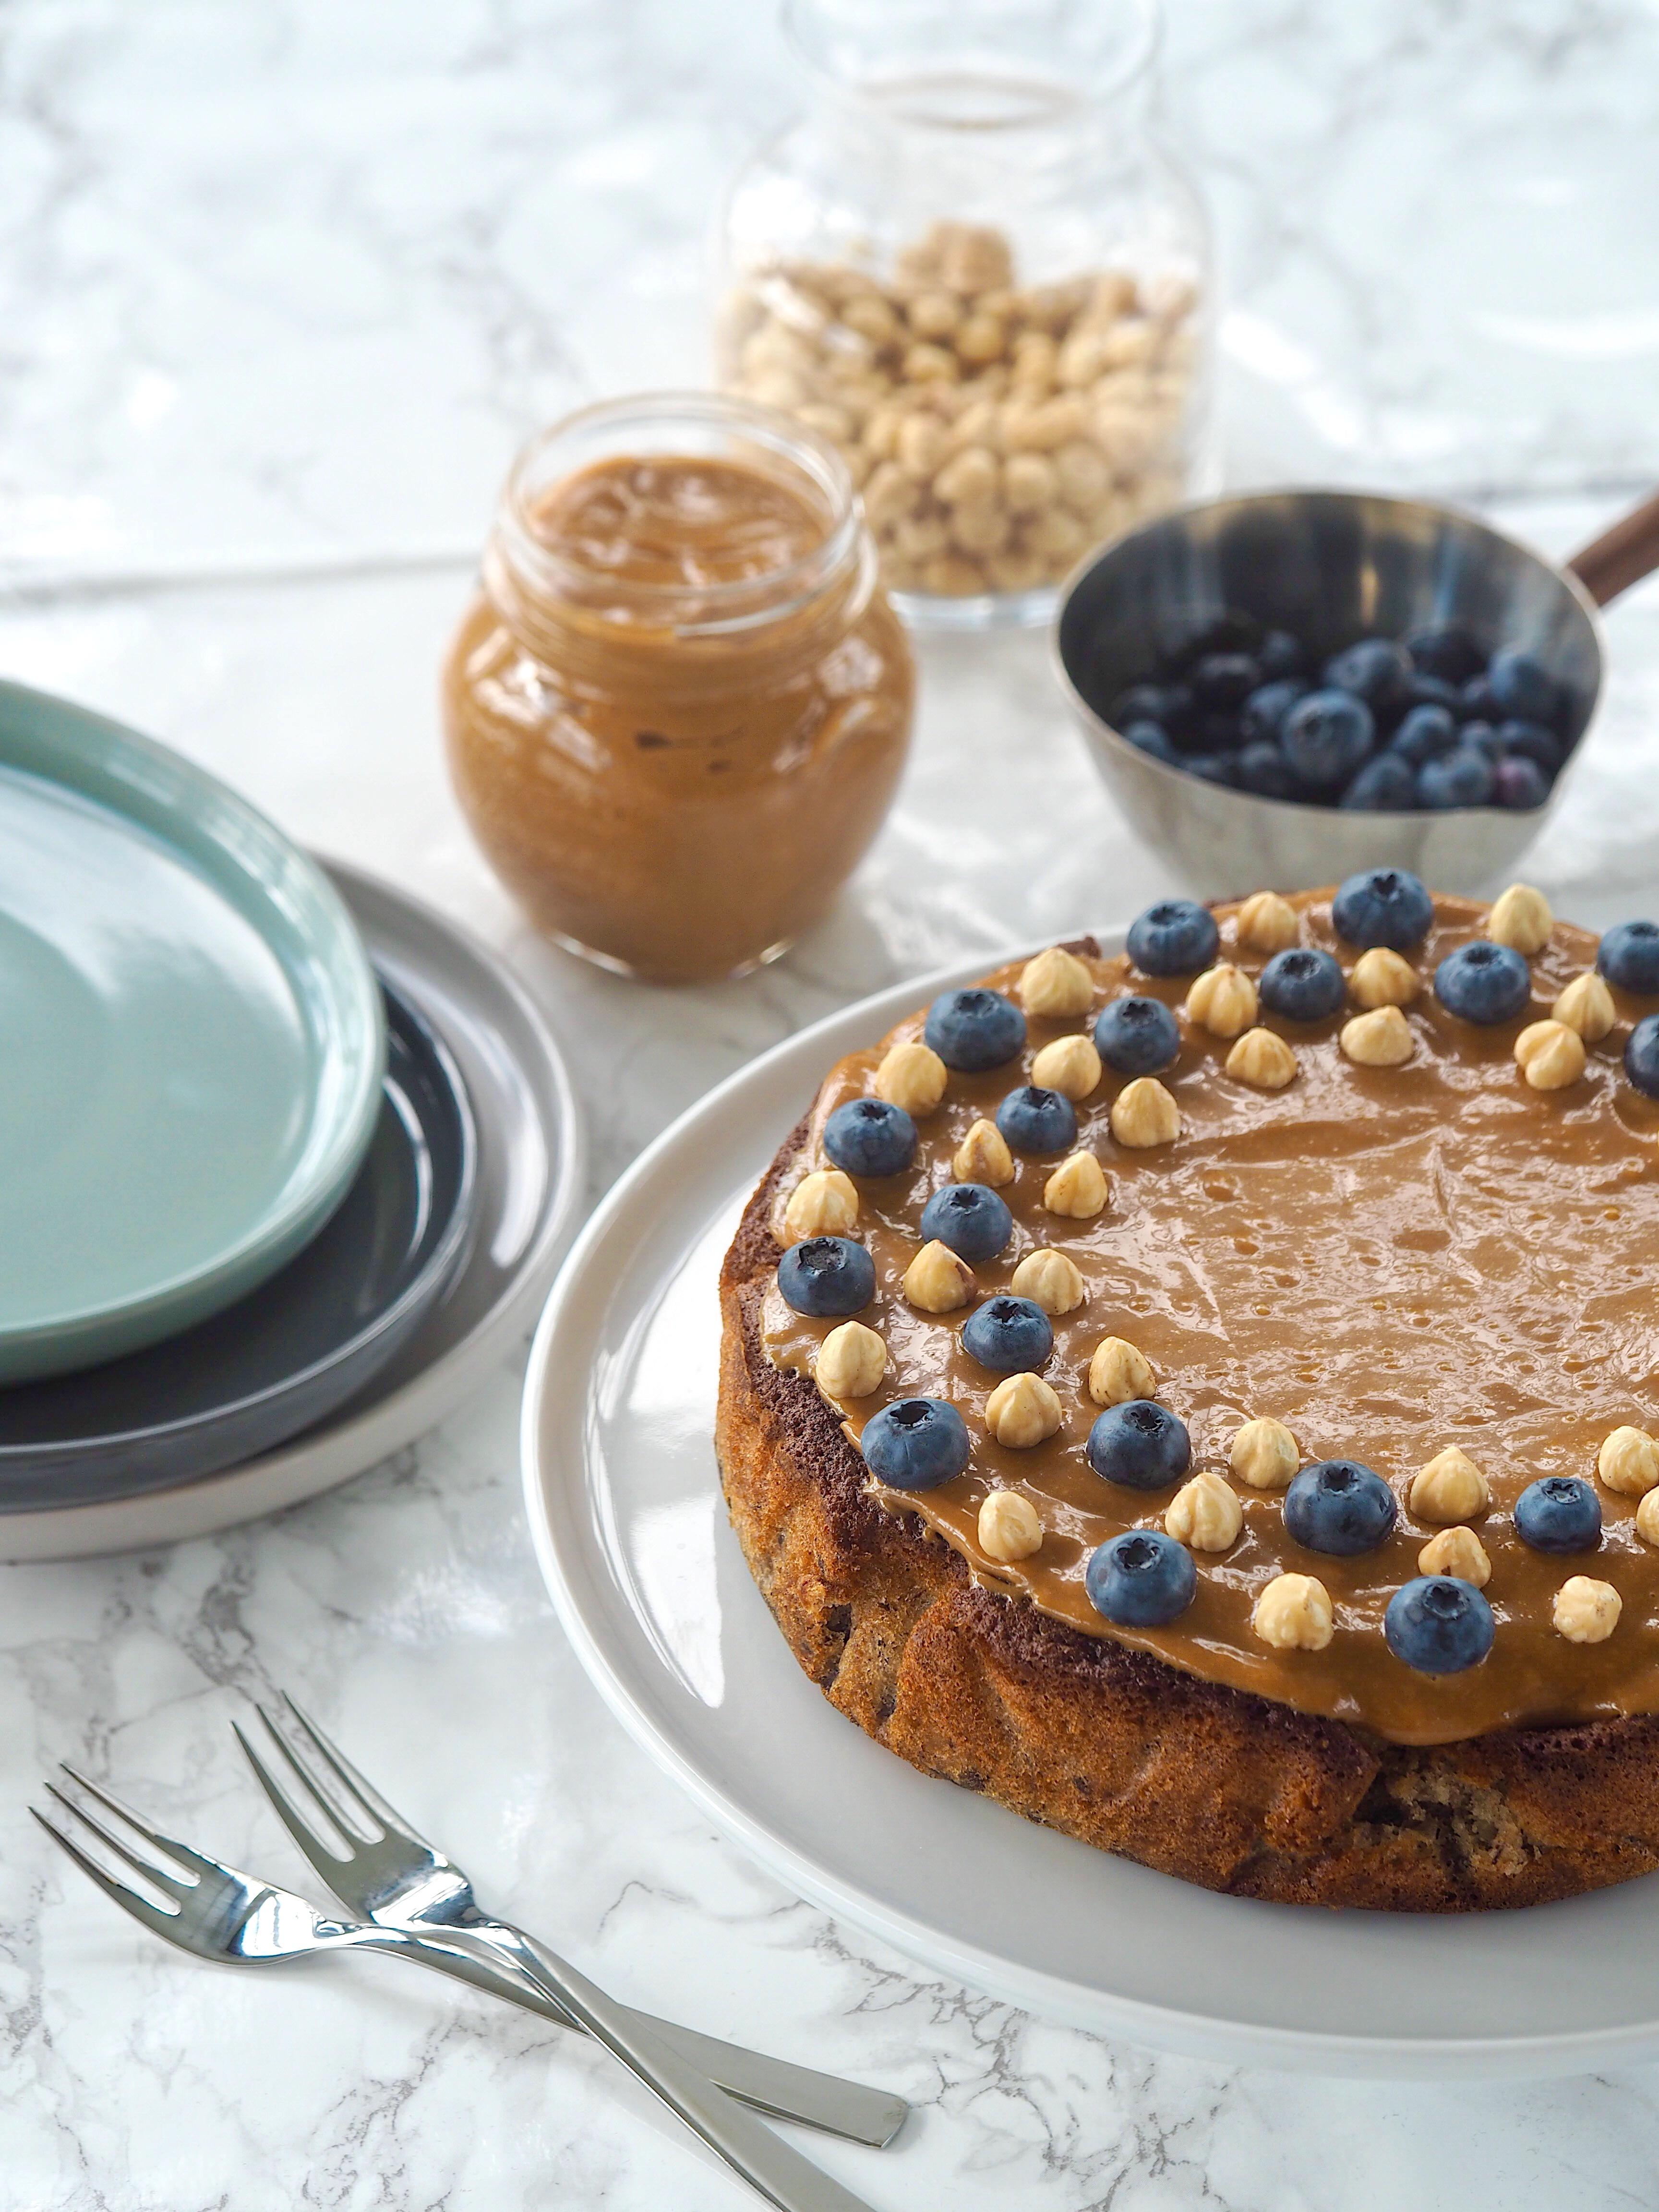 Svampet Lækker Banankage Kage Dessert Eftermiddags kaffe Fødselsdag Mia Lindholm Blog Opskrift Banan Blåbær Dulche de Leche Hasselnødder Søstrene Grene Pillivuyt